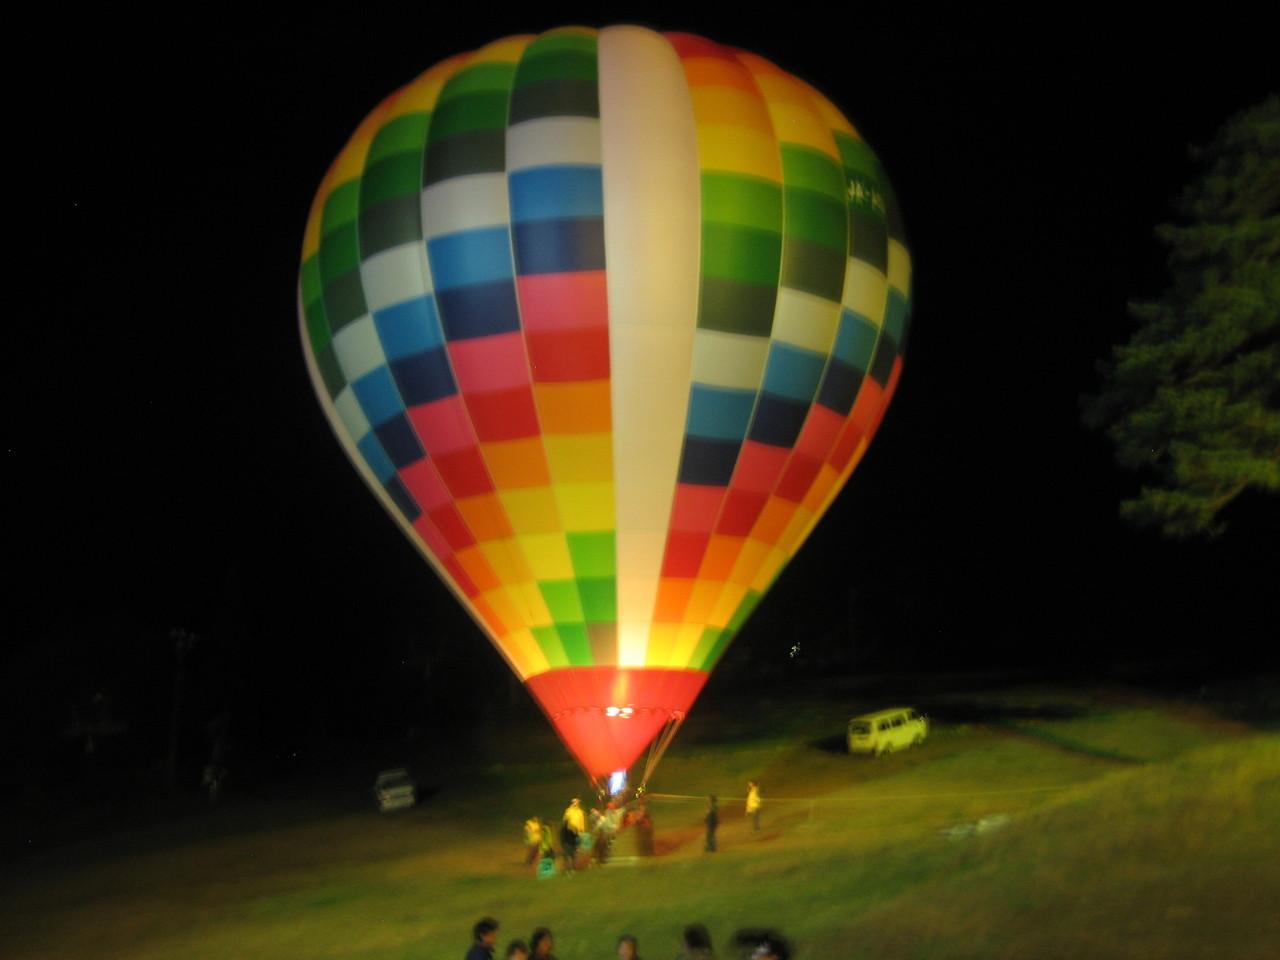 ビンゴの景品で気球乗船がありました。